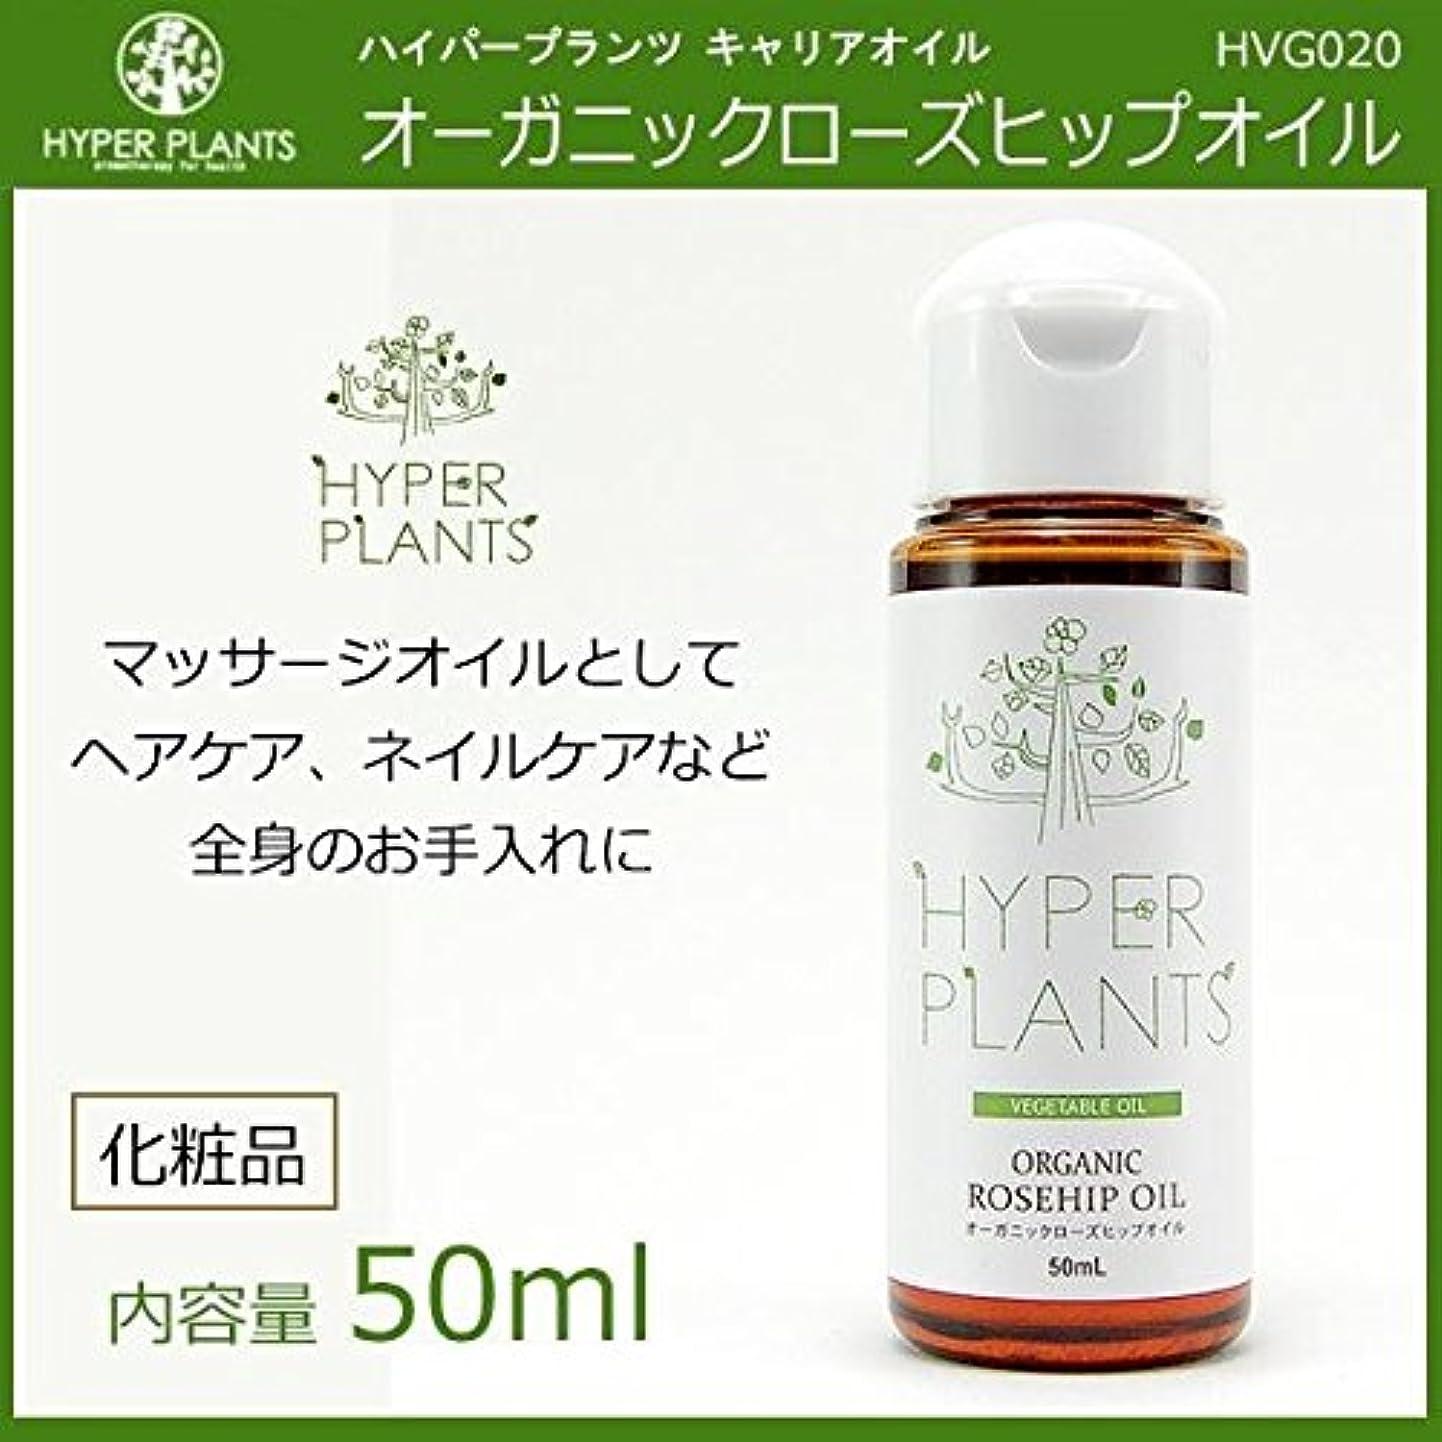 叫ぶあごひげ滞在HYPER PLANTS ハイパープランツ キャリアオイル オーガニックローズヒップオイル 50ml HVG020